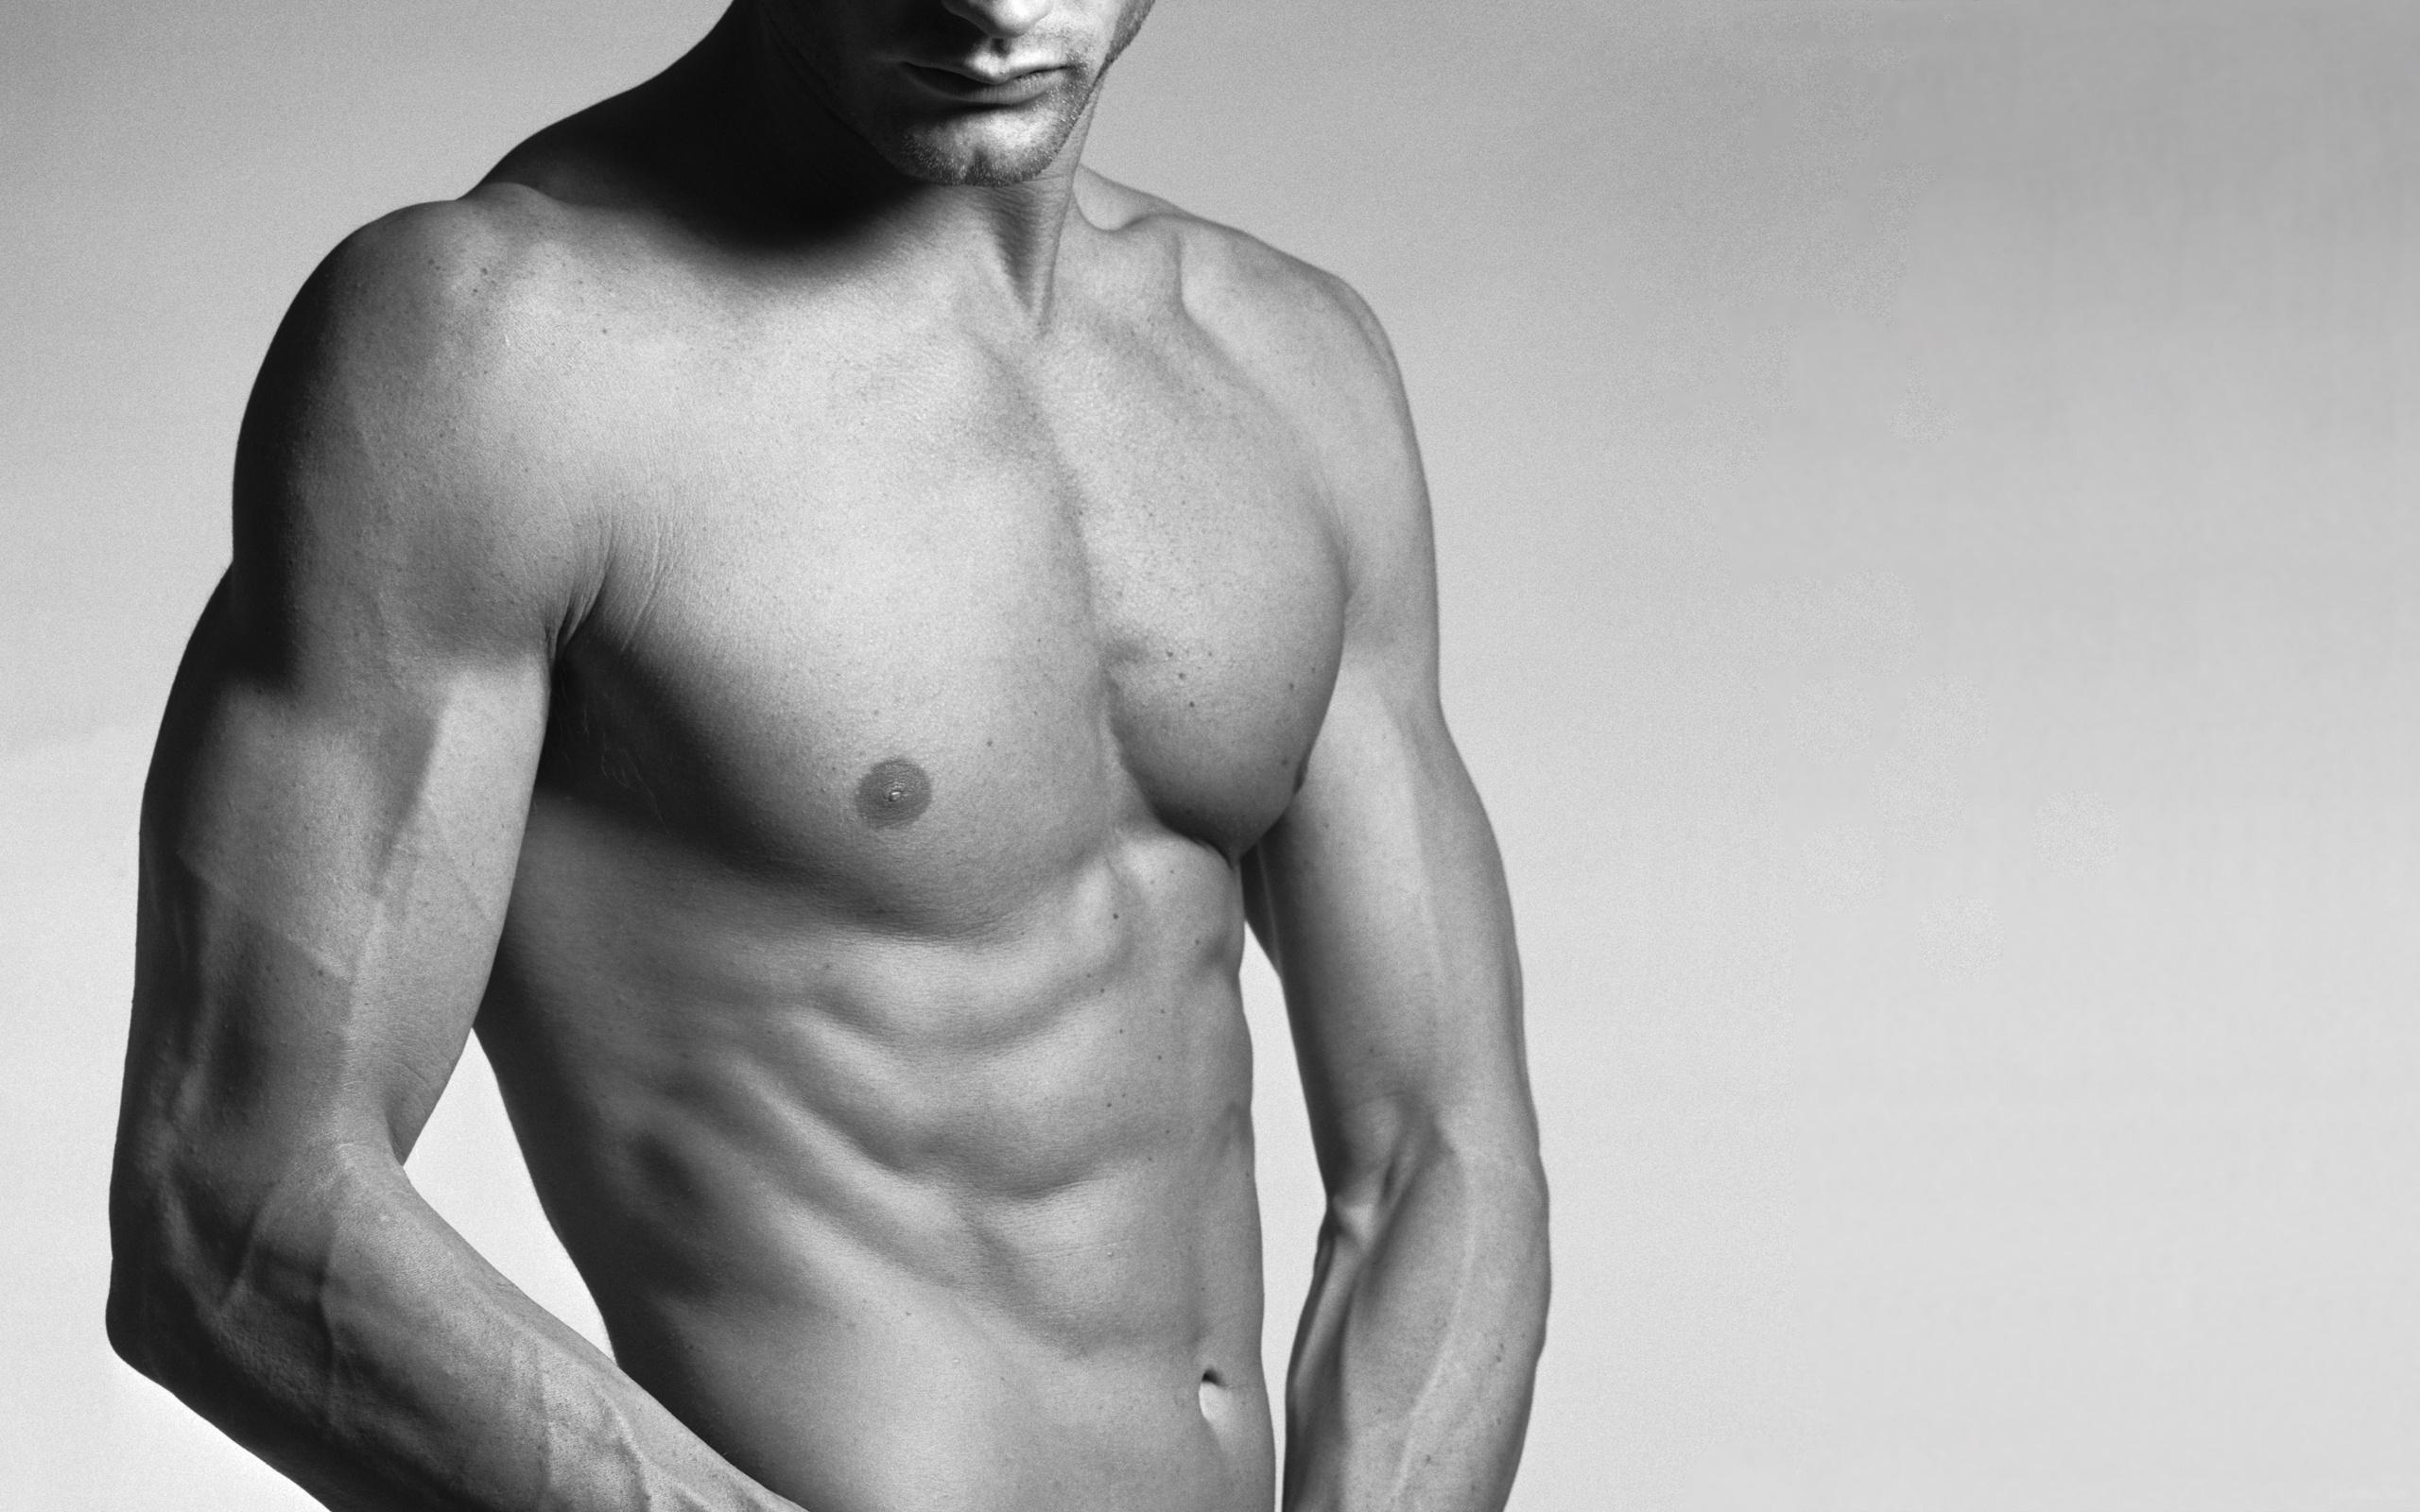 Мужская тренировка для похудения дома: 3 плана (фото)